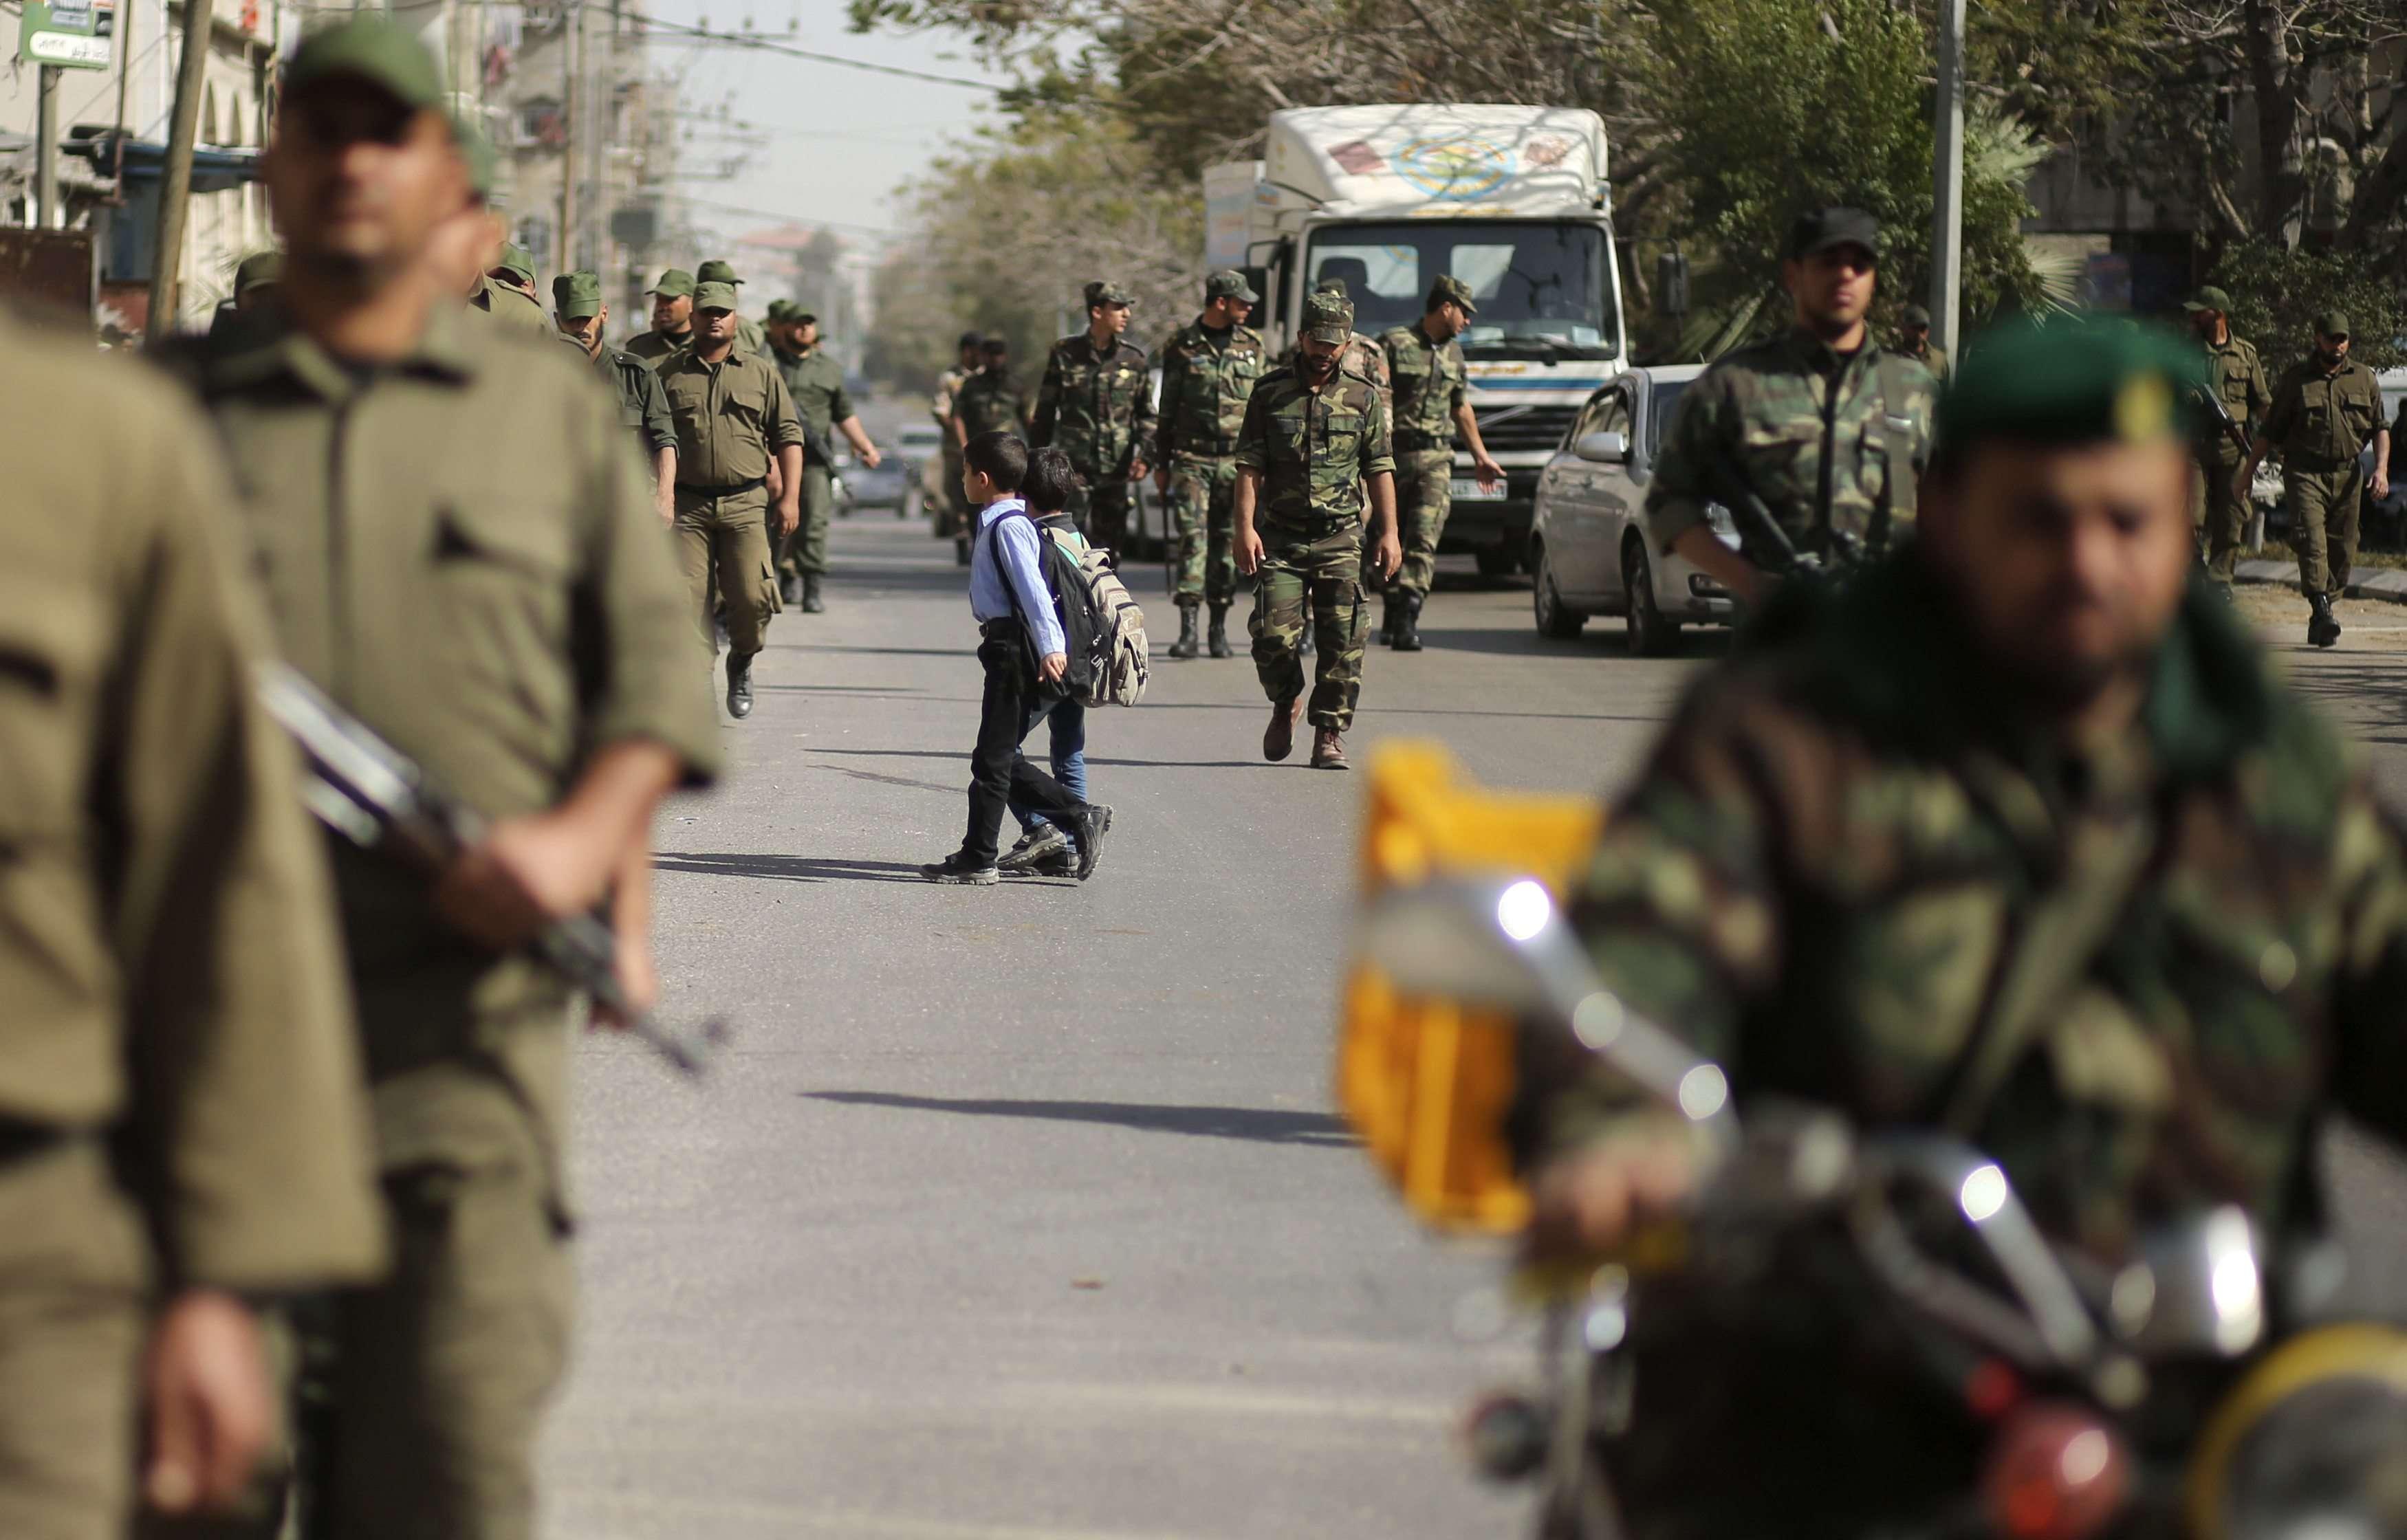 Crianças cruzam rua durante marcha de forças de segurança palestinas leais ao Hamas em Gaza, em 10 de fevereiro Foto: Reuters